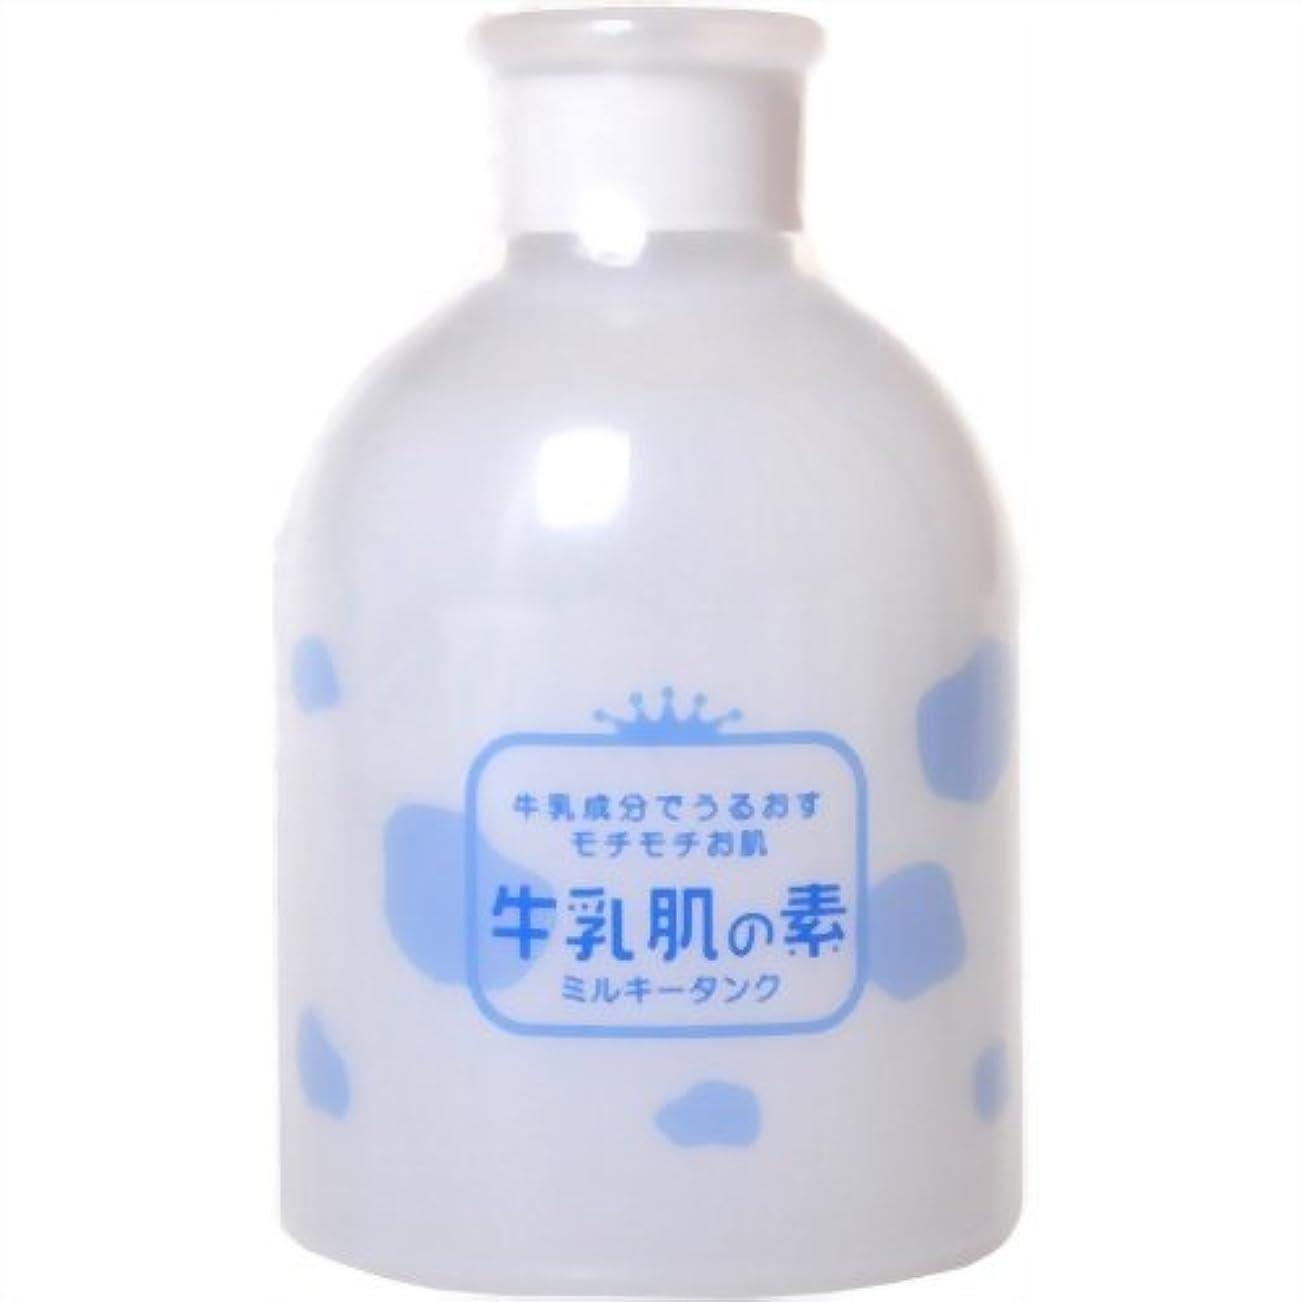 真実に迫害落ち着かない牛乳肌の素 ミルキータンク(化粧水) 300ml